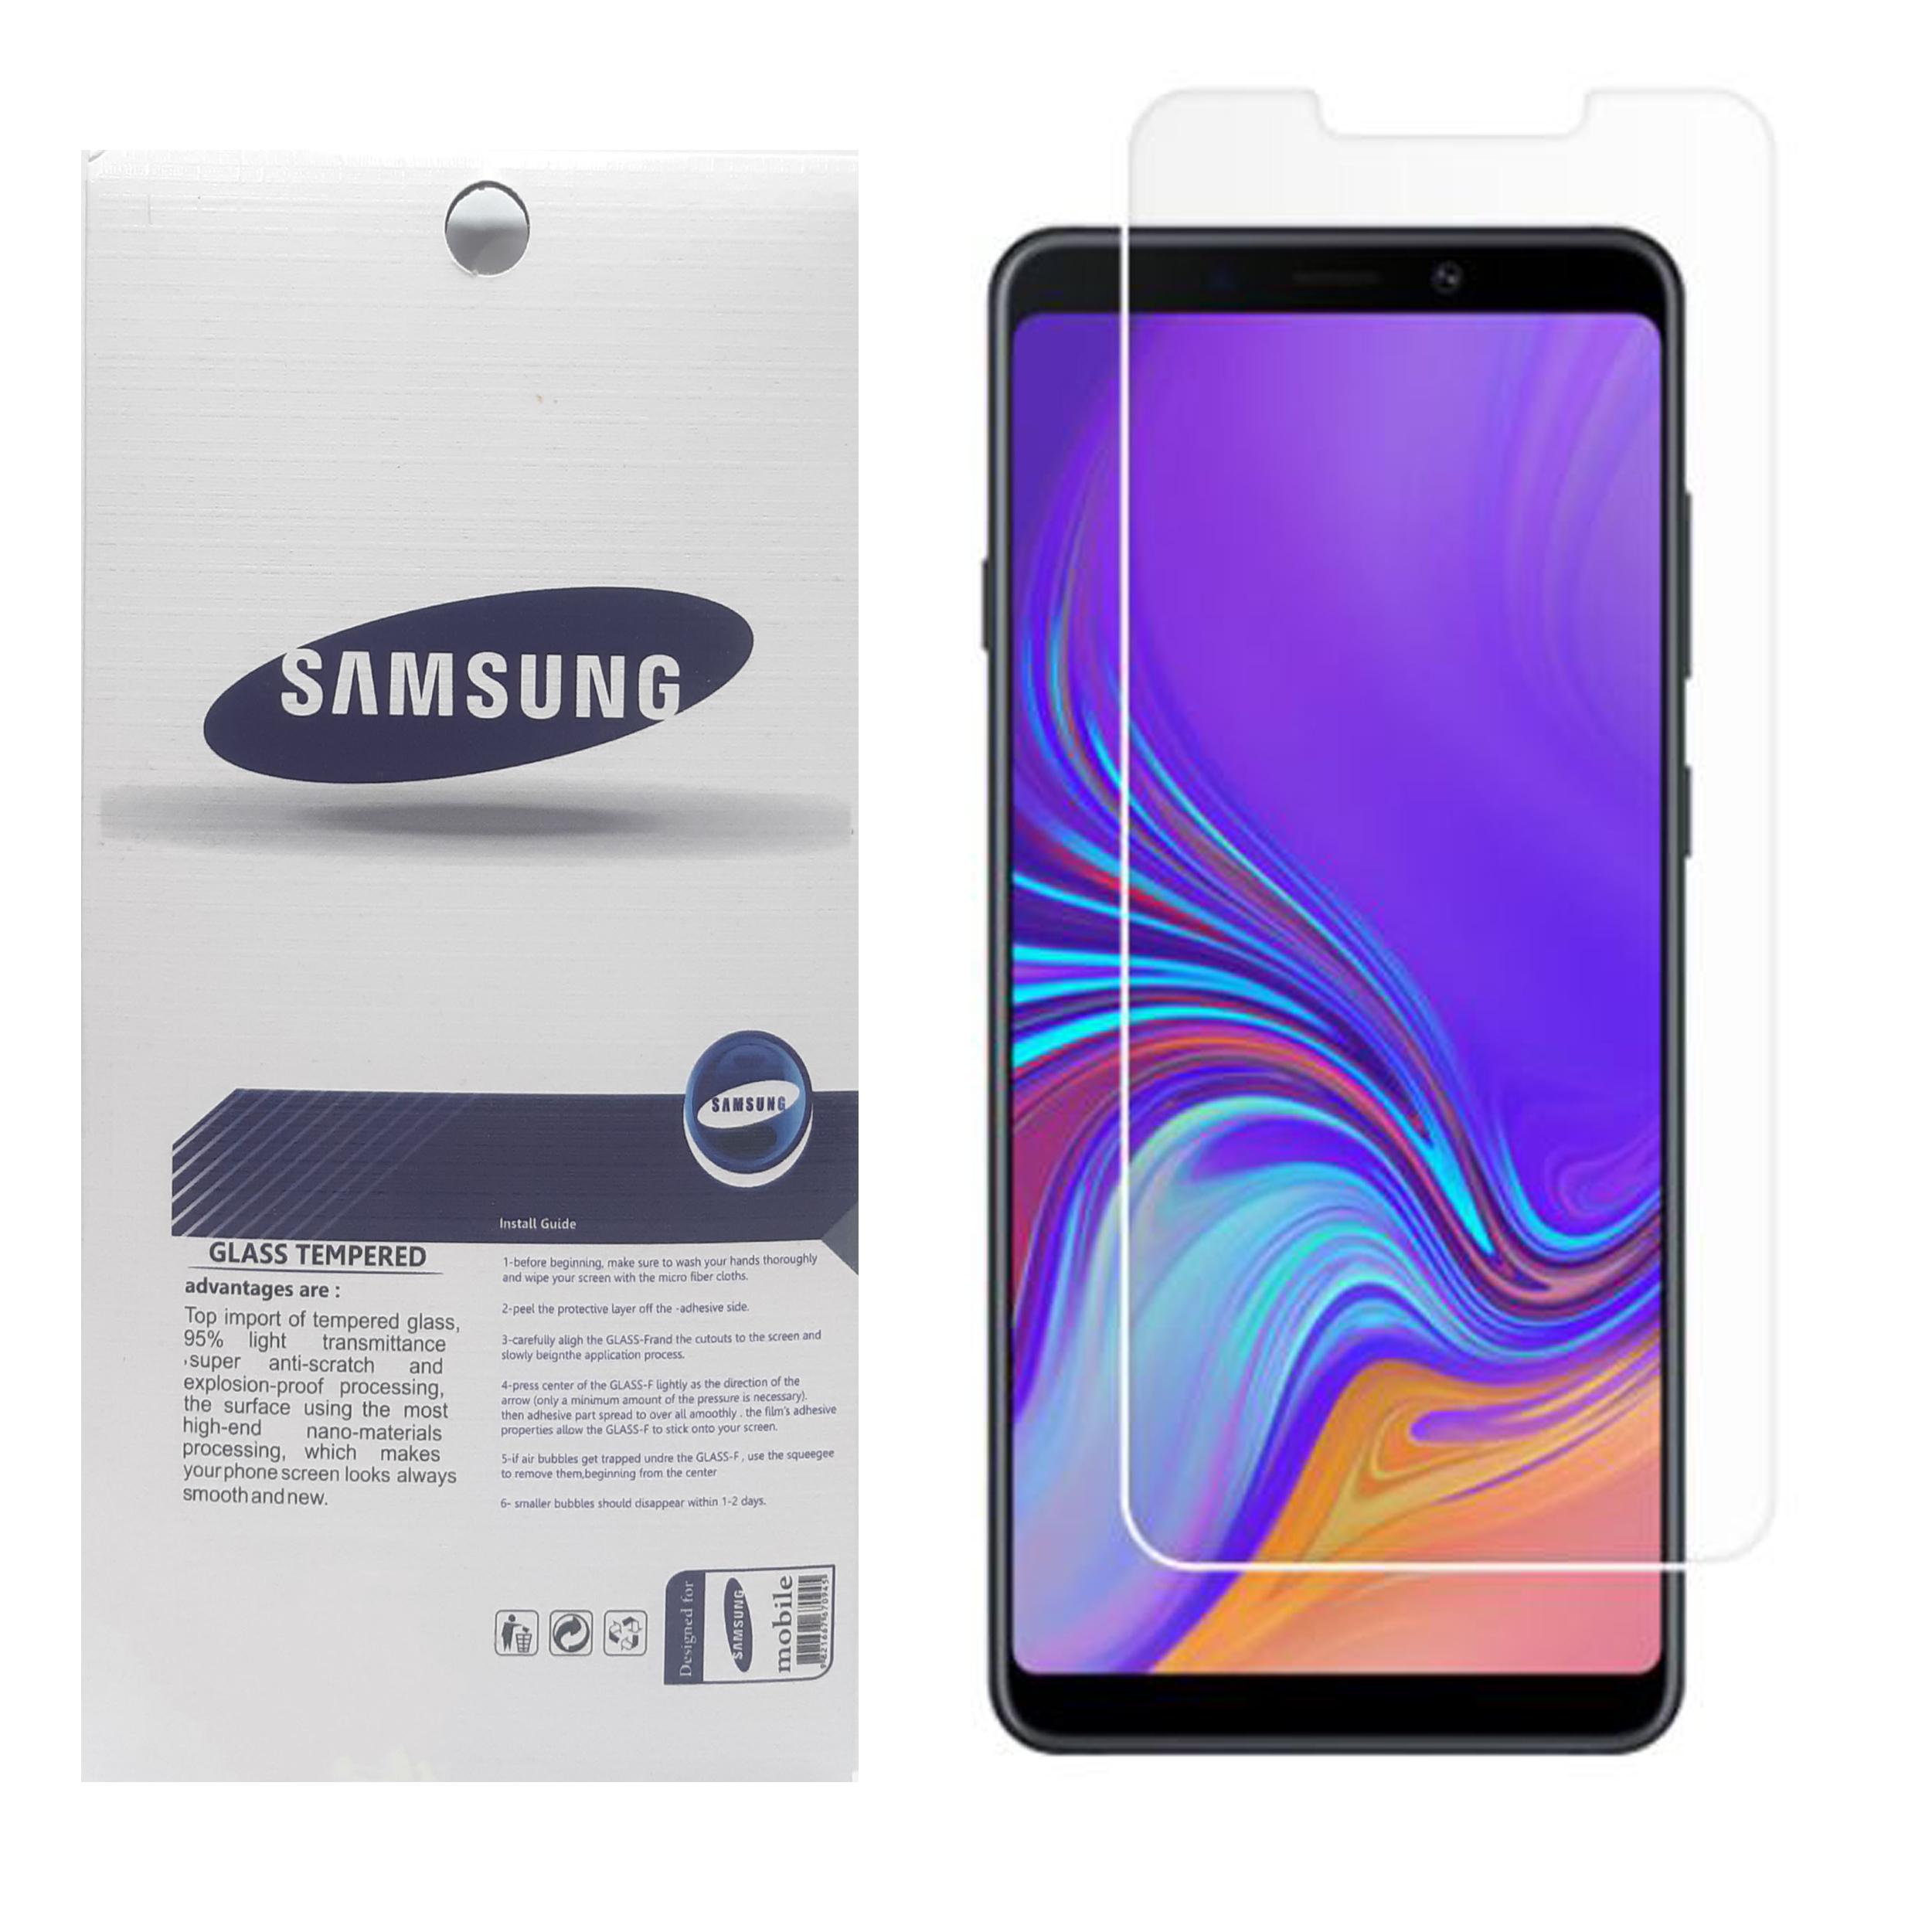 محافظ صفحه نمایش تسلا مدل TMP مناسب برای گوشی موبایل سامسونگ Galaxy A9 2018